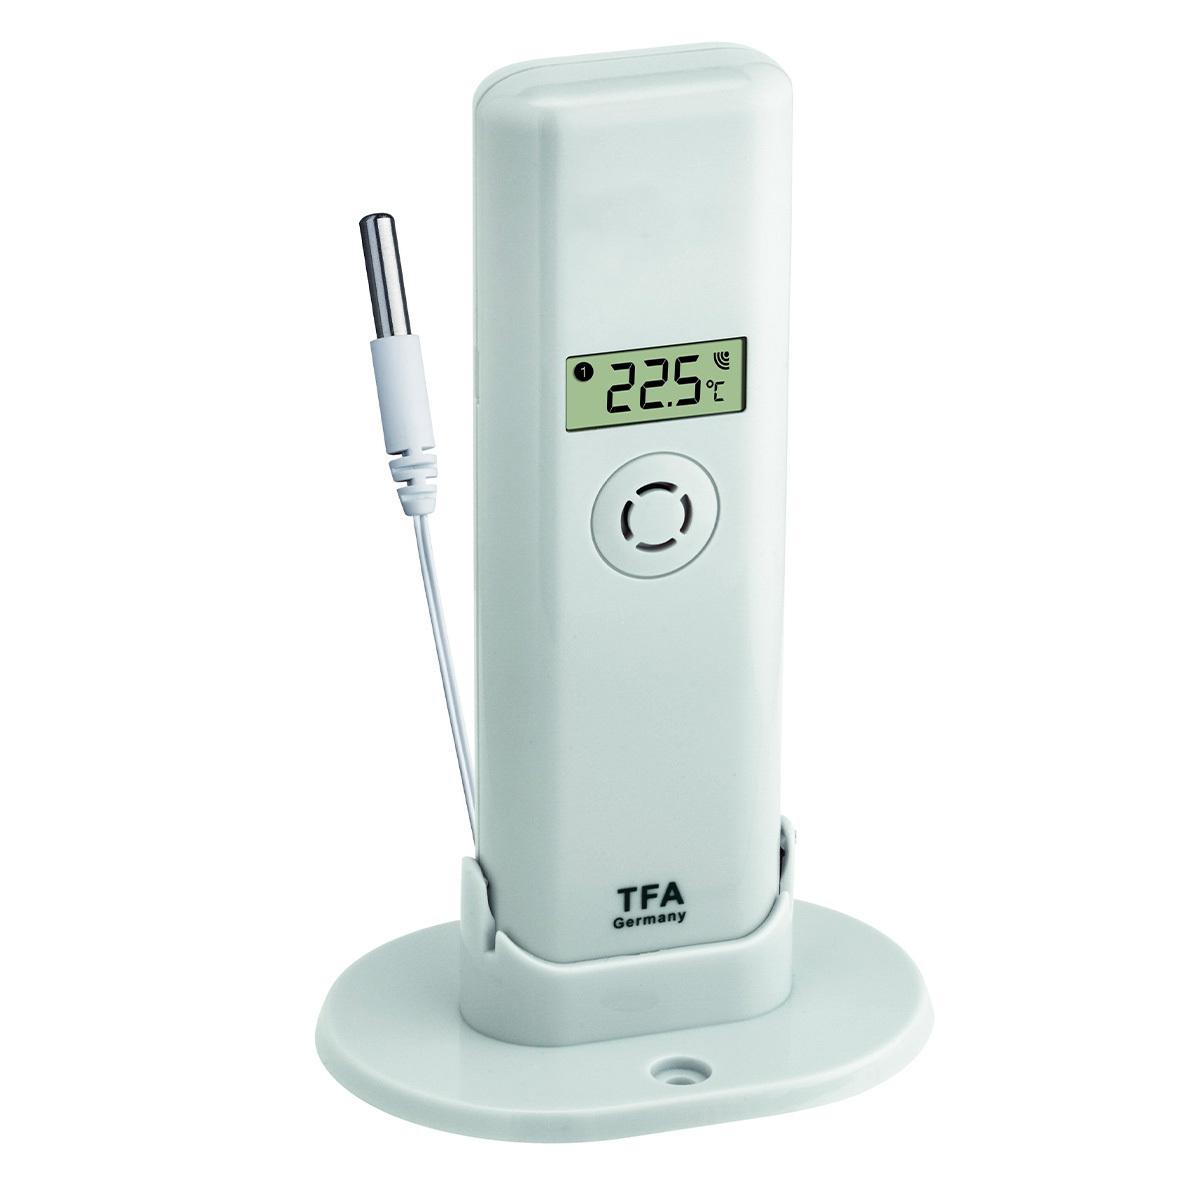 31-4011-02-starter-set-mit-temperatursender-mit-wasserfestem-kabelfühler-weatherhub-observer-sender1-1200x1200px.jpg